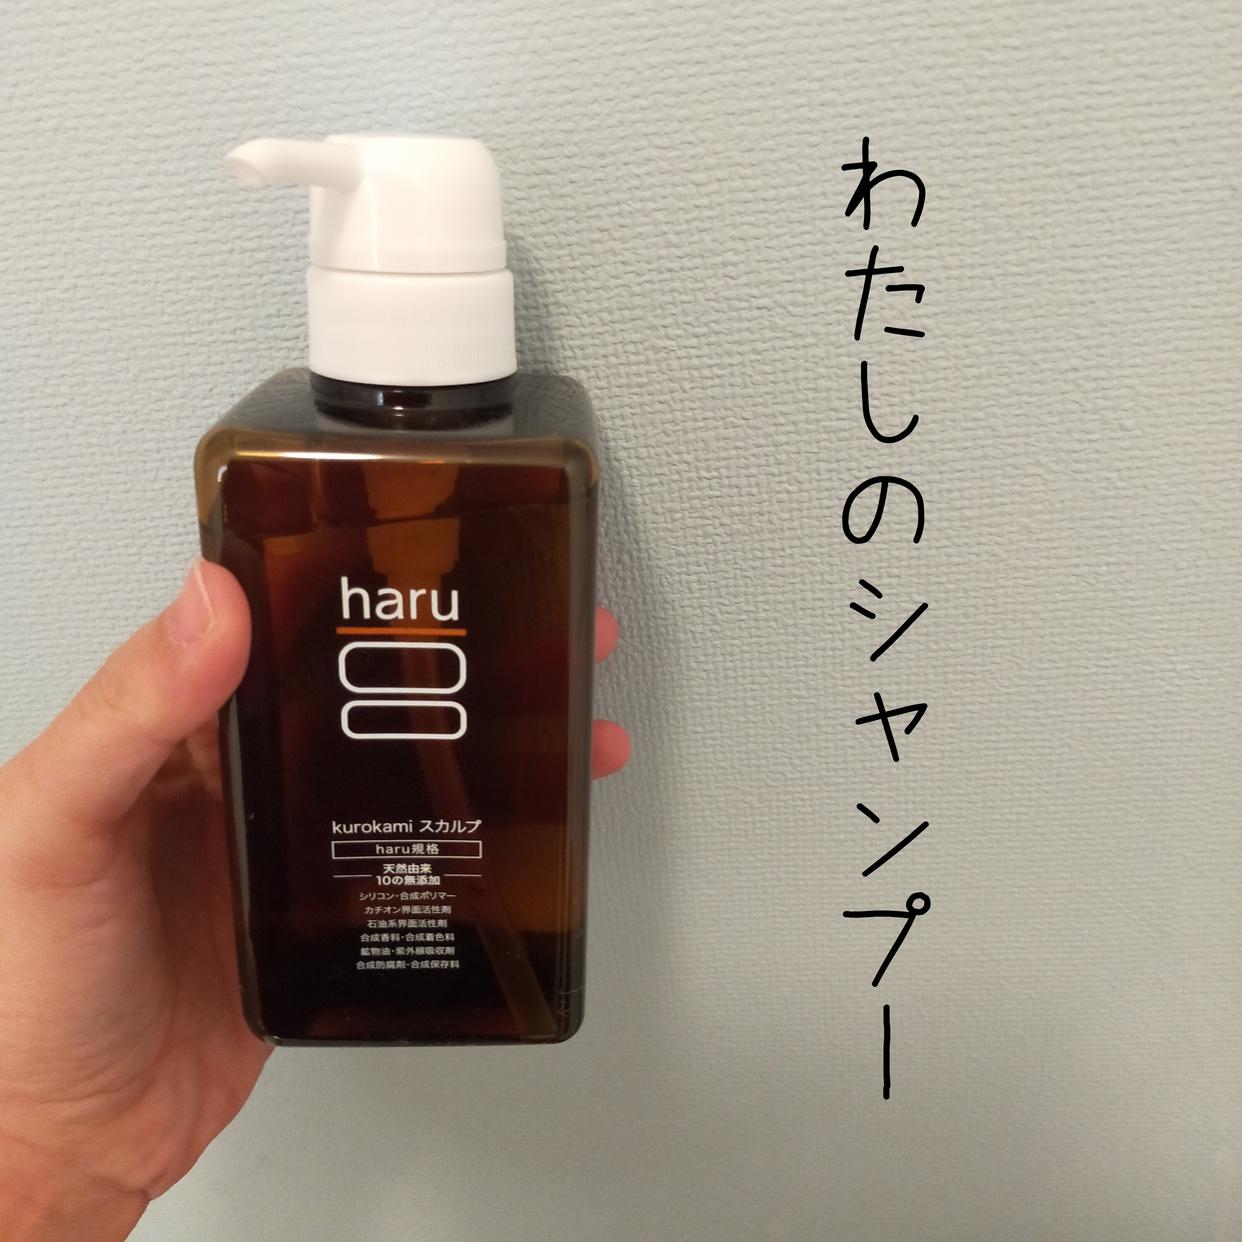 haru(ハル)kurokami スカルプを使ったねこちえさんのクチコミ画像1